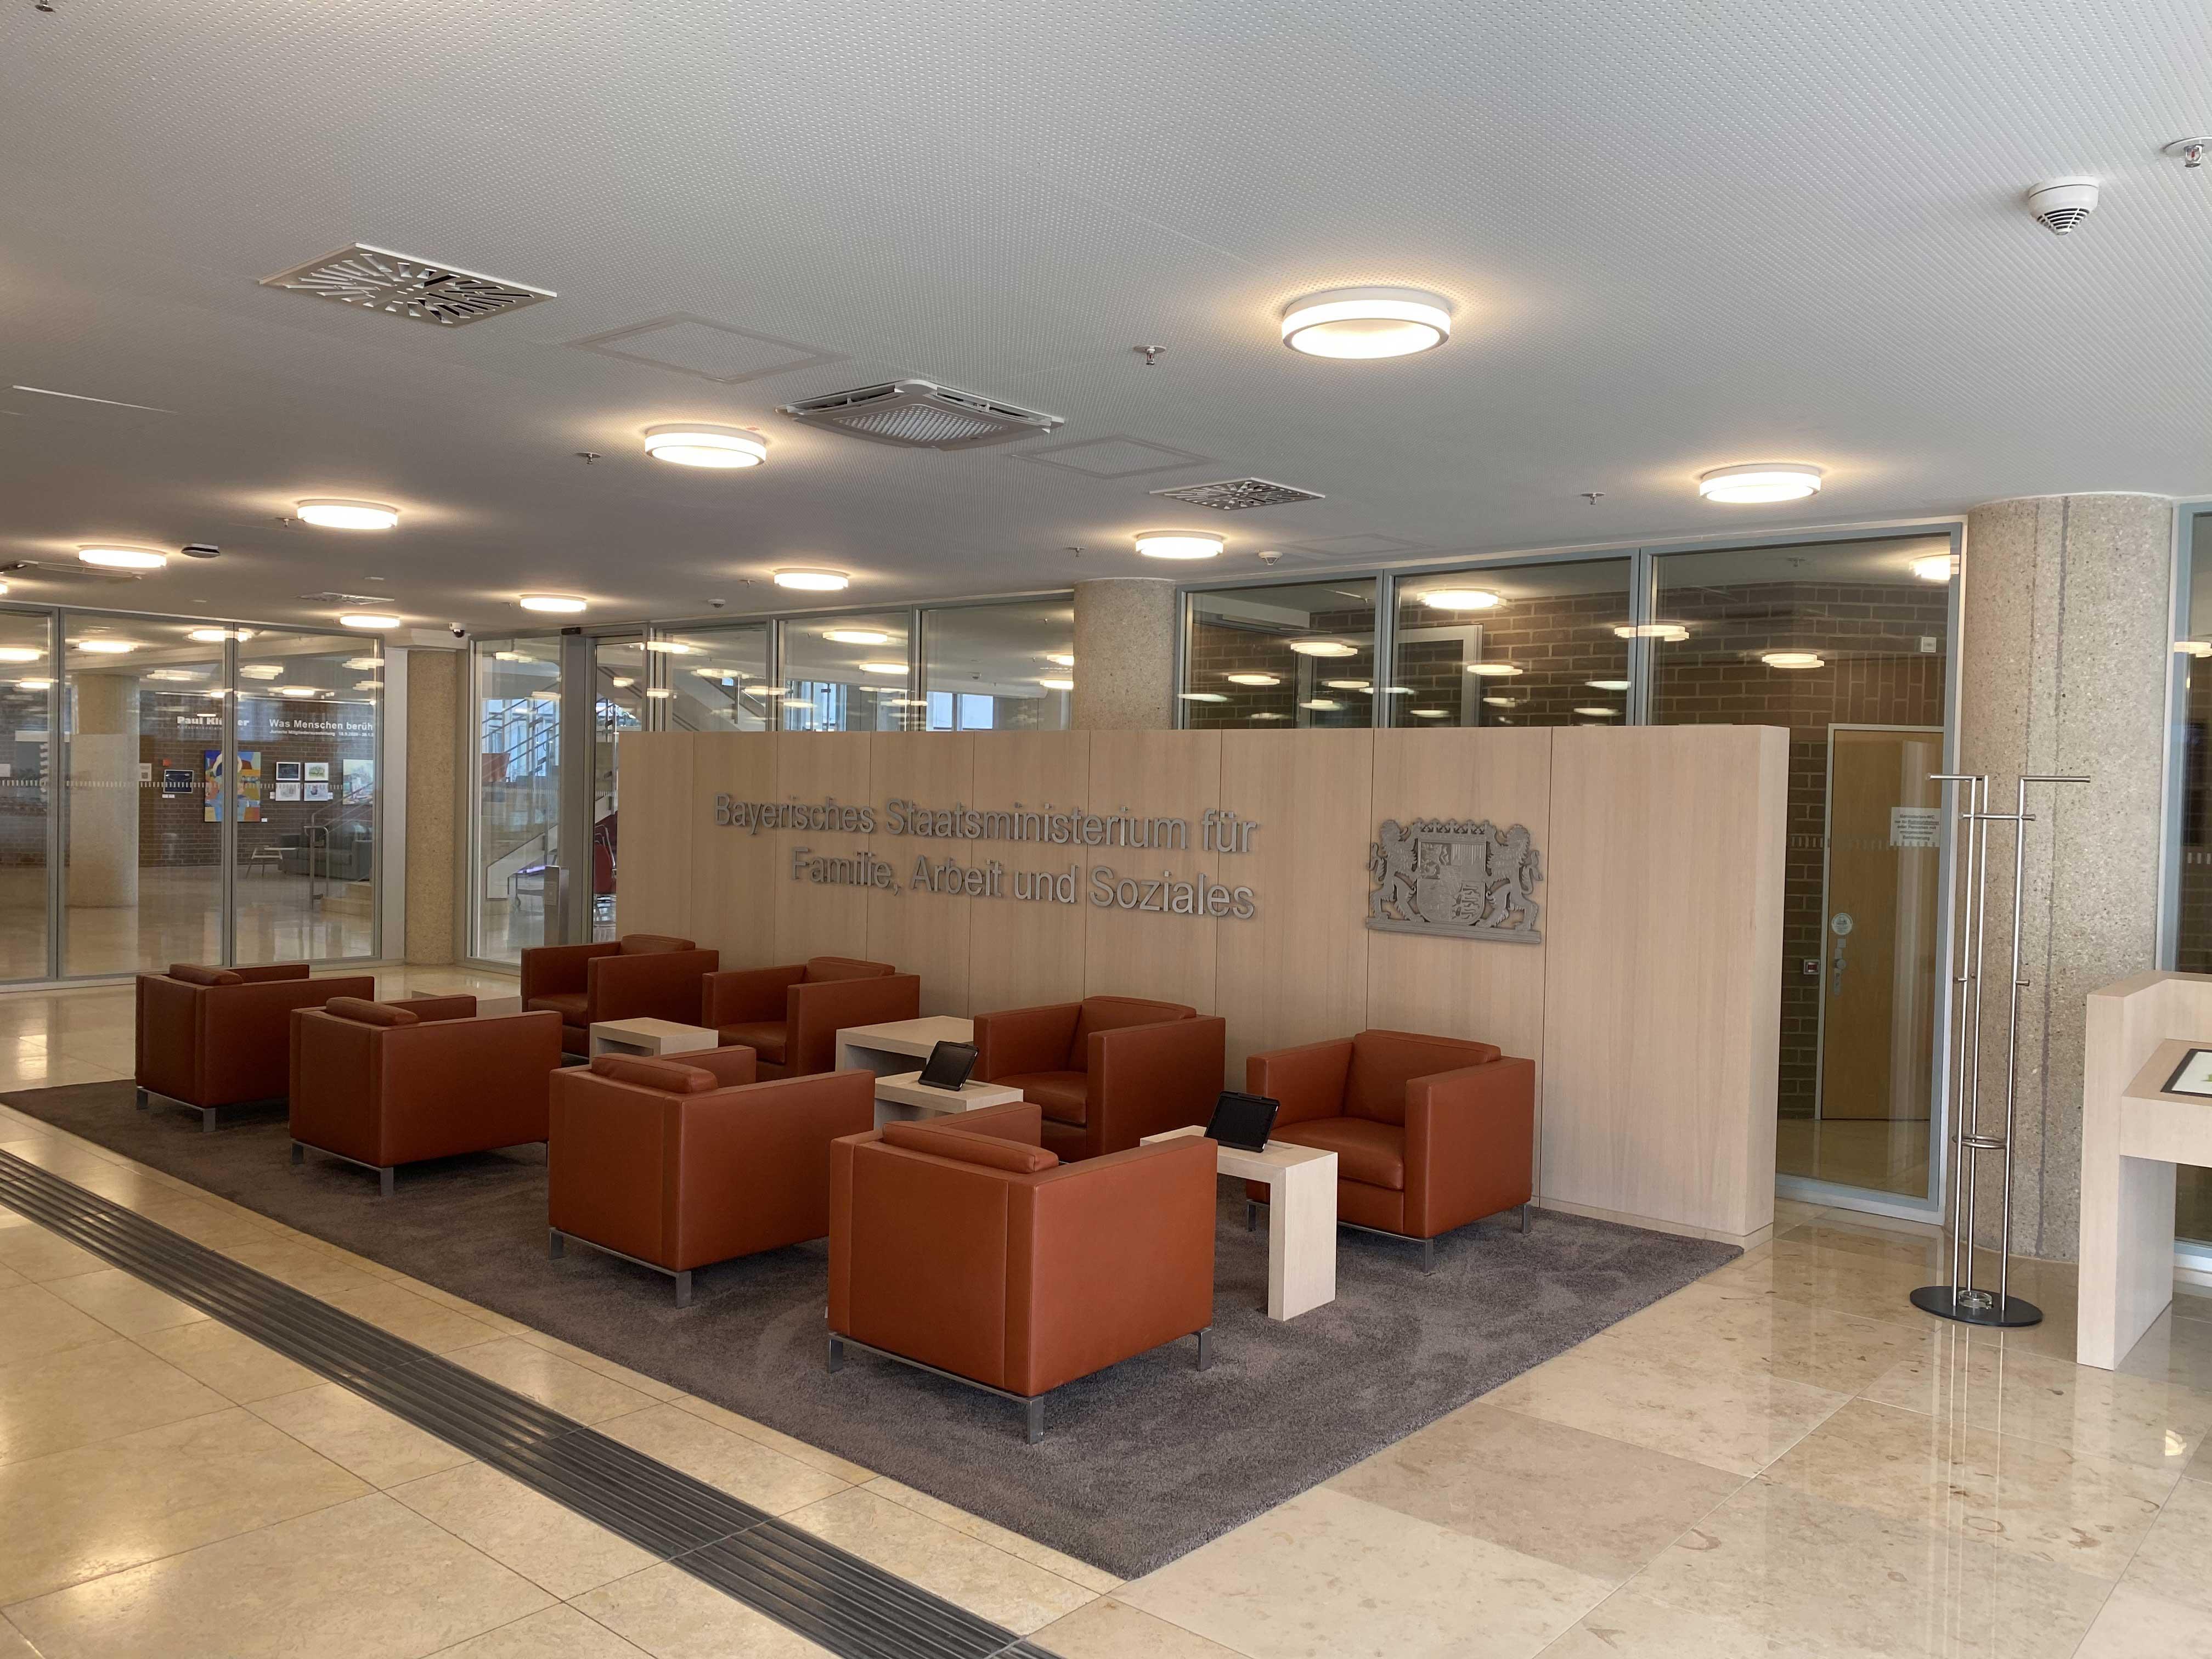 Umbau Foyer im Gebäude des Bayerisches Staatsministerium für Arbeit und Soziales, Familie und Integration (StMAS)